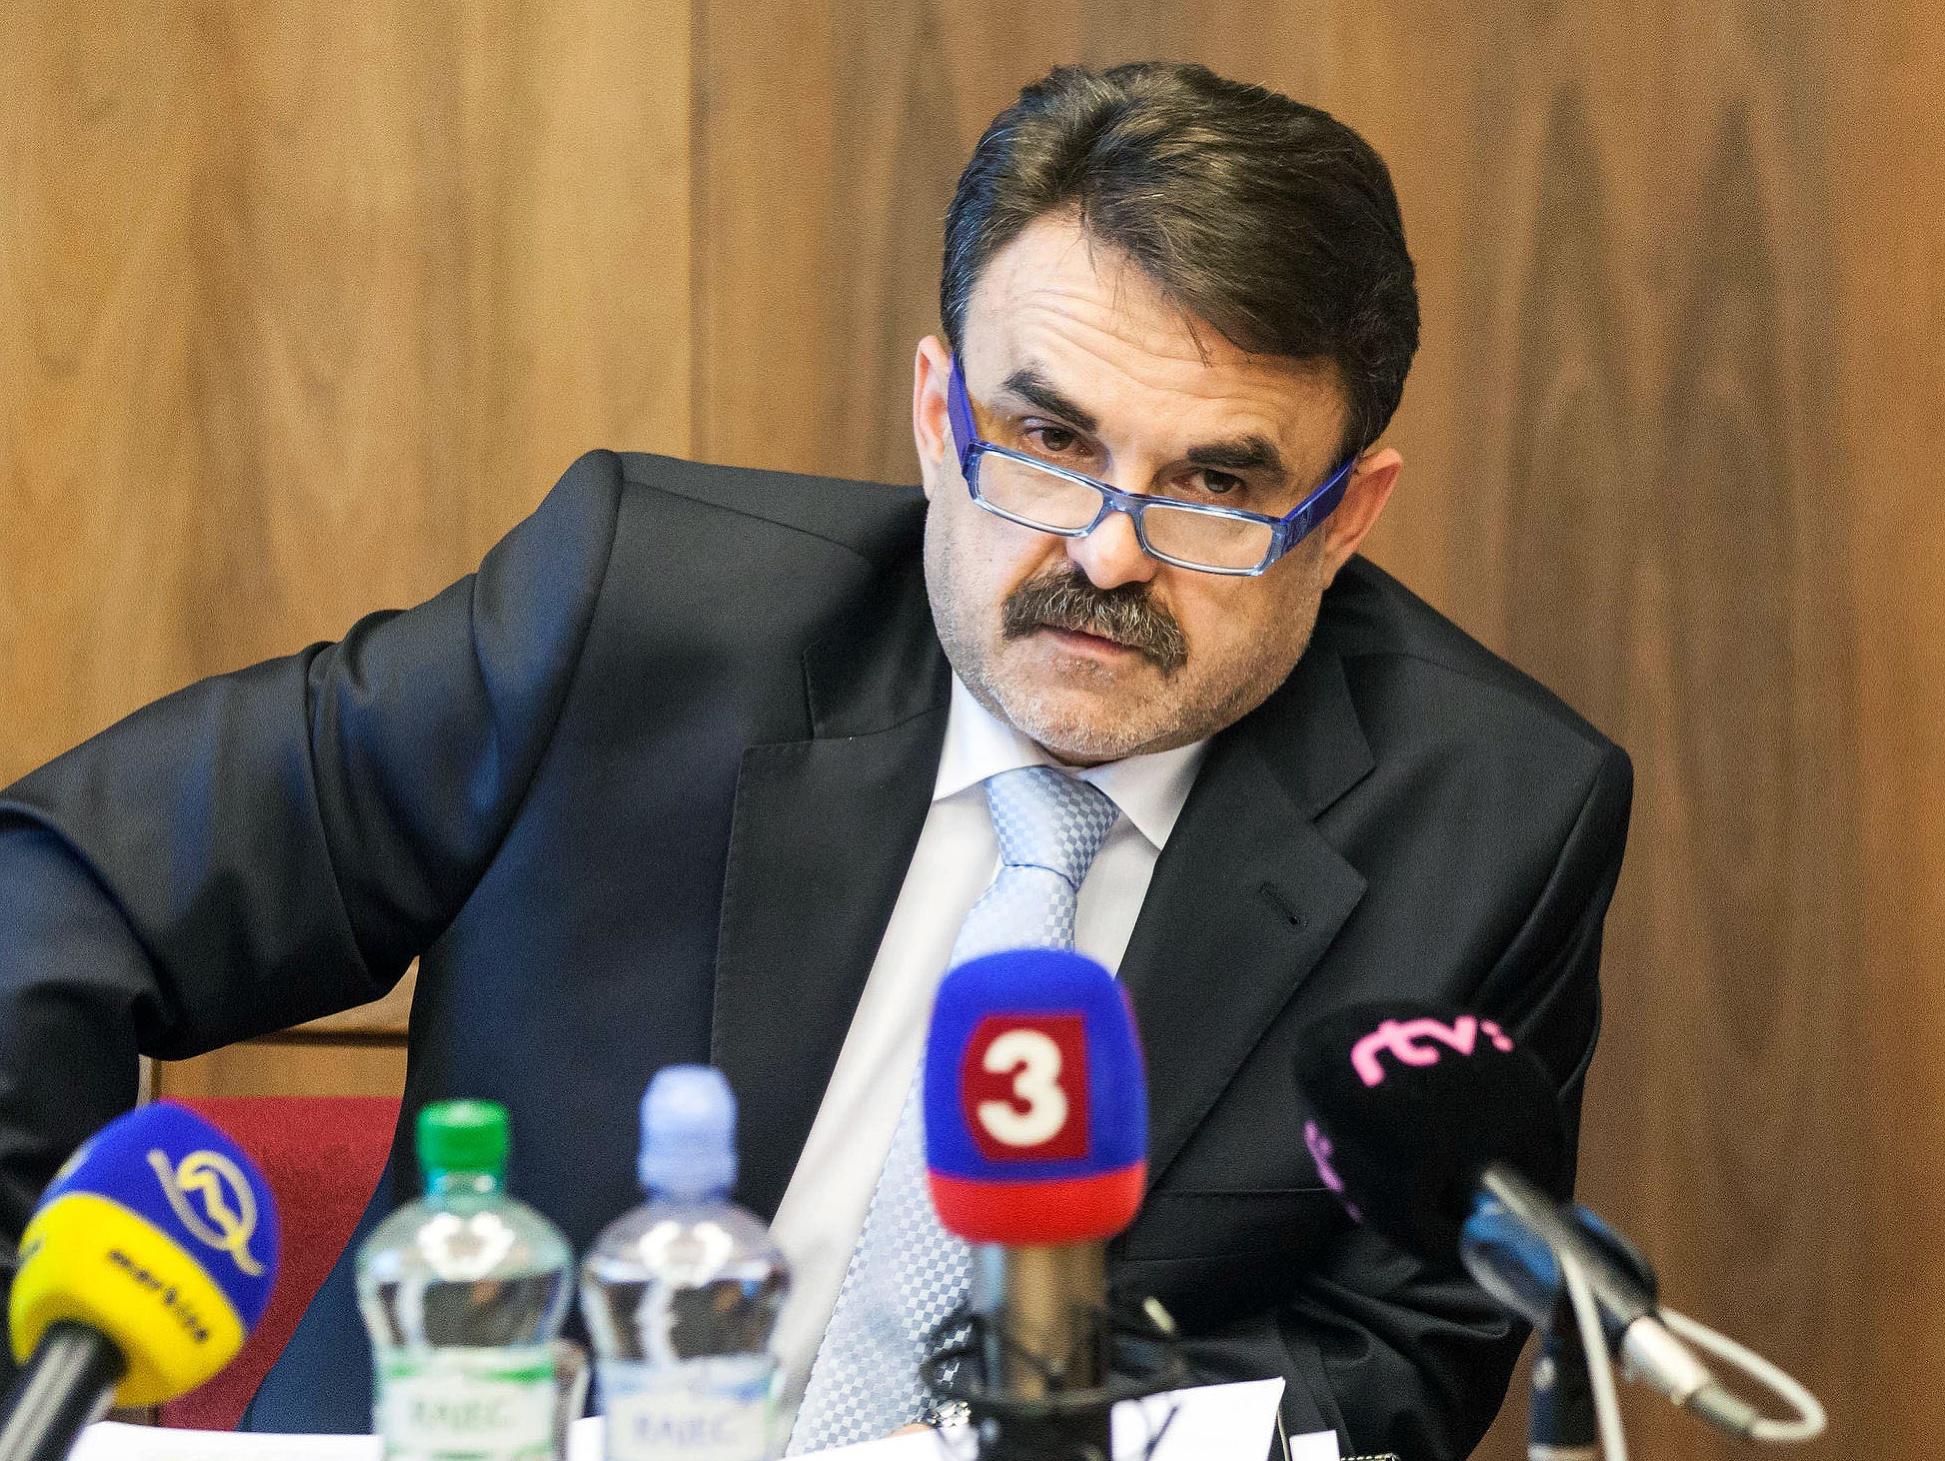 Blahová kritizuje Generálnu prokuratúru. Dôvodom je rozhodnutie v kauze Čistý deň   Glob.sk